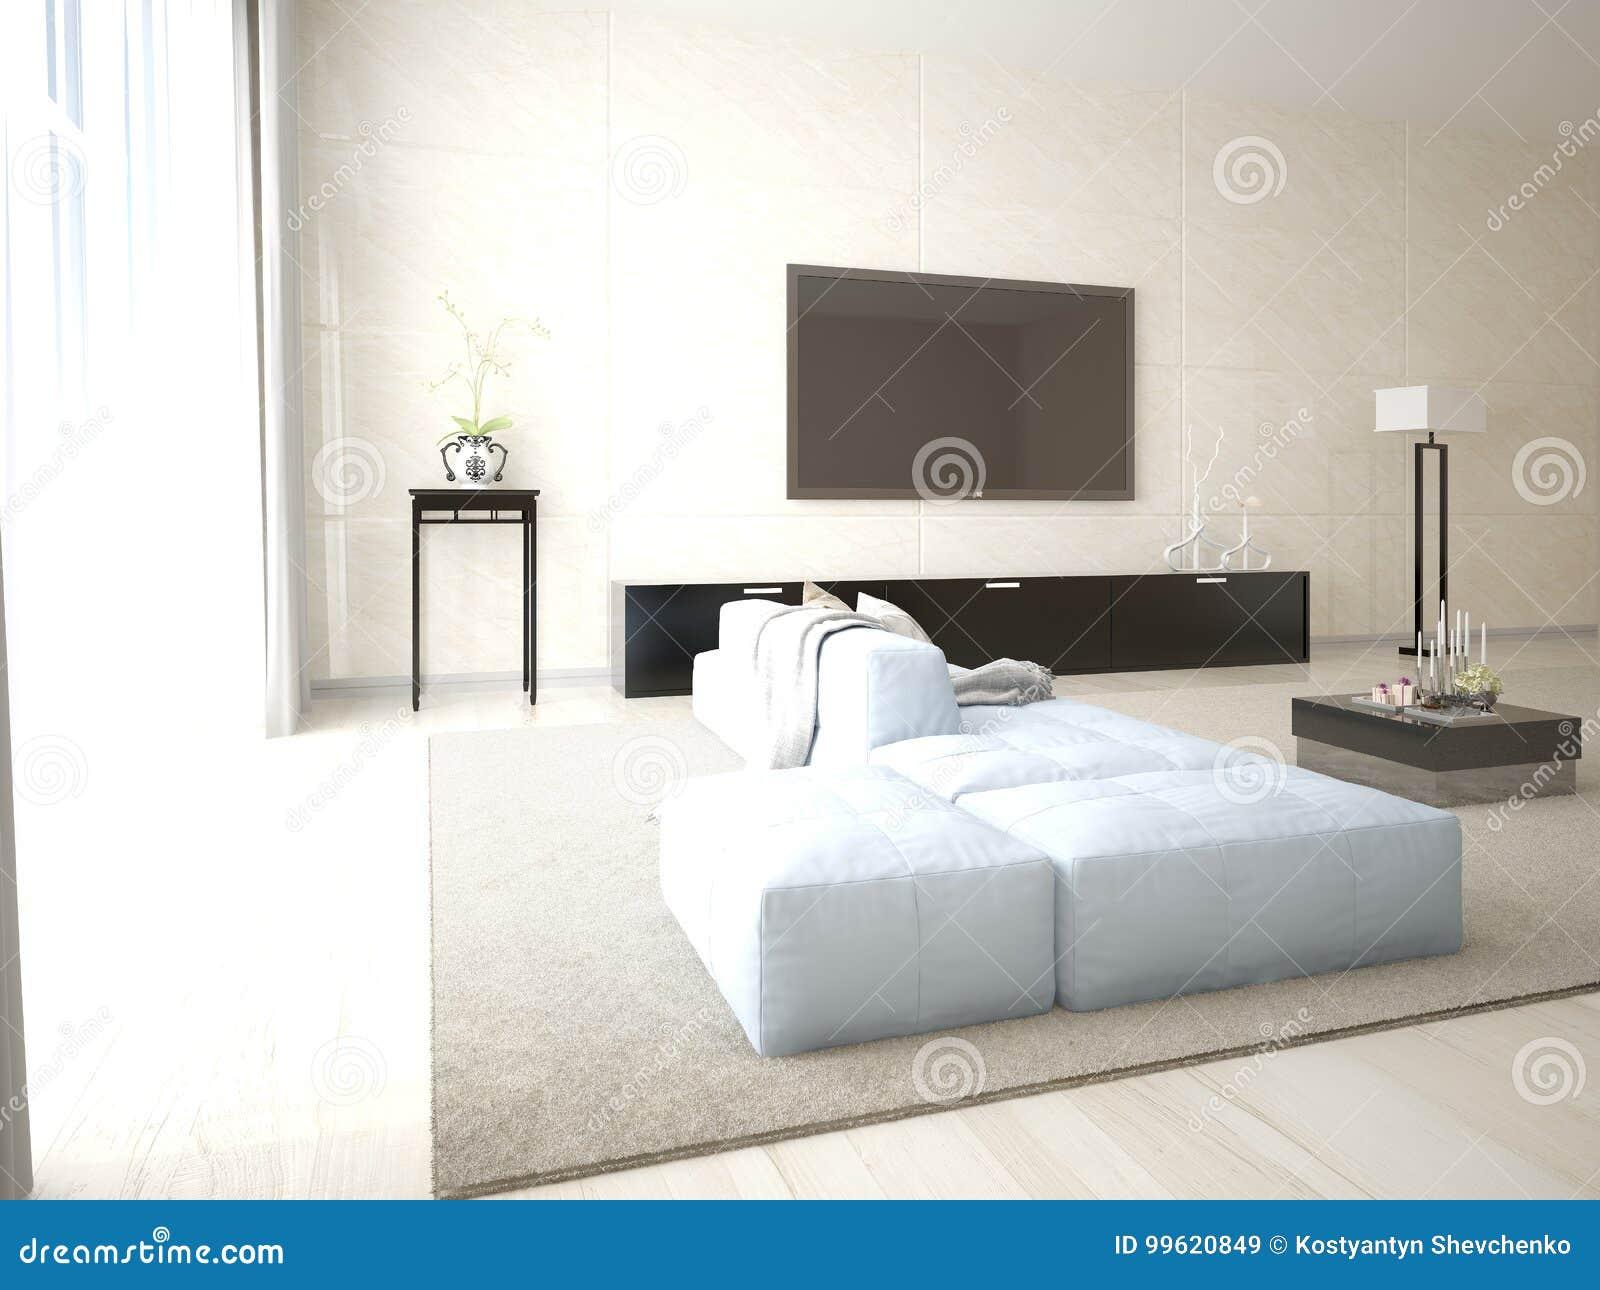 Mofa Encima Del Cartel Tv Con Muebles Funcionales Stock De  # Muebles Funcionales